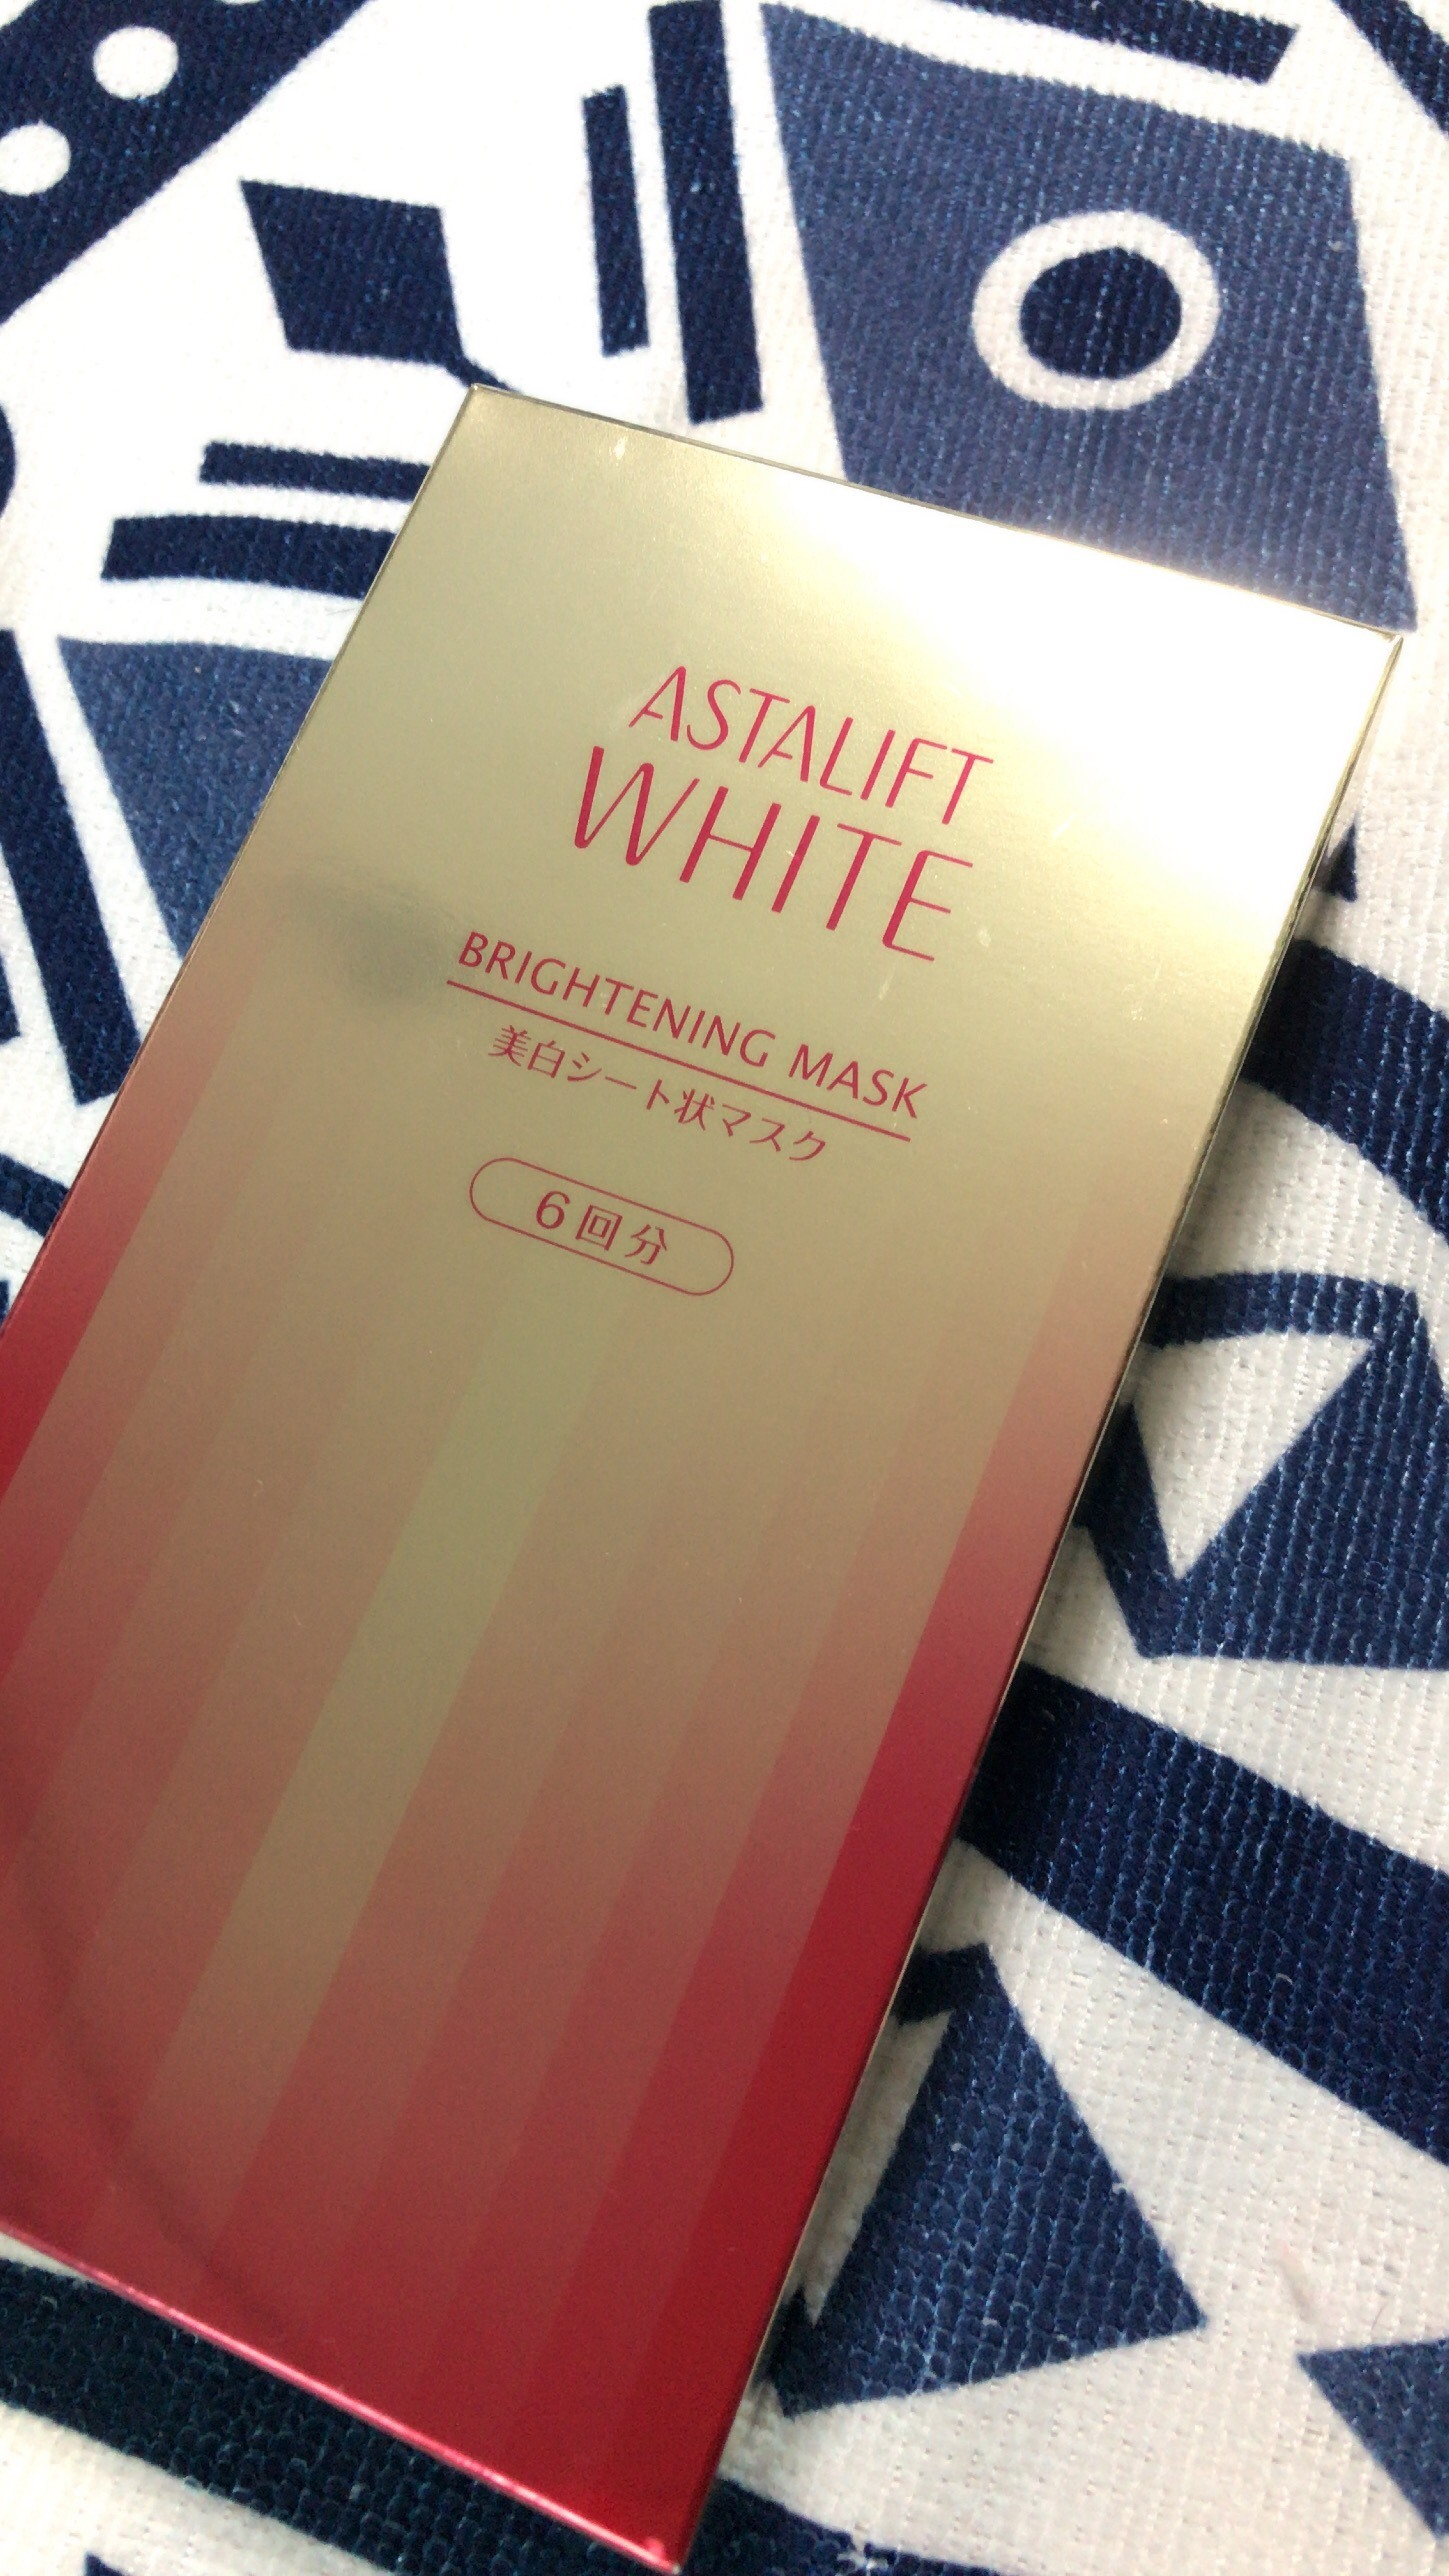 アスタリフト ホワイト ブライトニングマスクは凄い♡シミが薄くなりました。_1_1